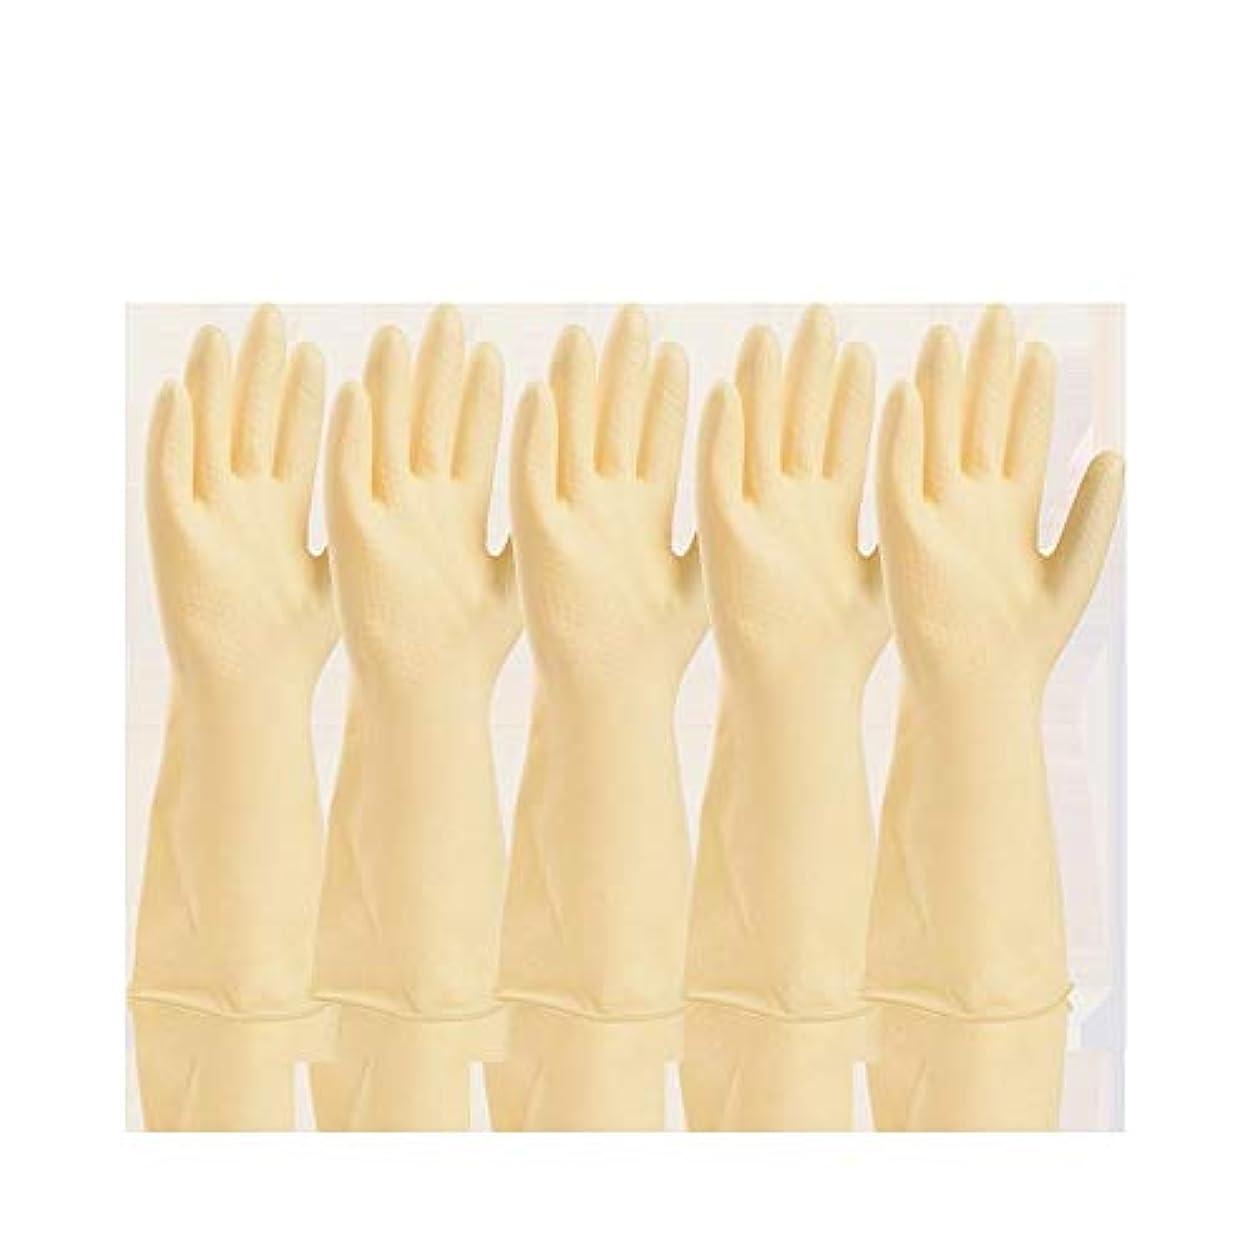 オフェンス物語財団使い捨て手袋 工業用手袋厚手のプラスチック製保護用耐水性防水ラテックス手袋、5ペア ニトリルゴム手袋 (Color : White, Size : S)